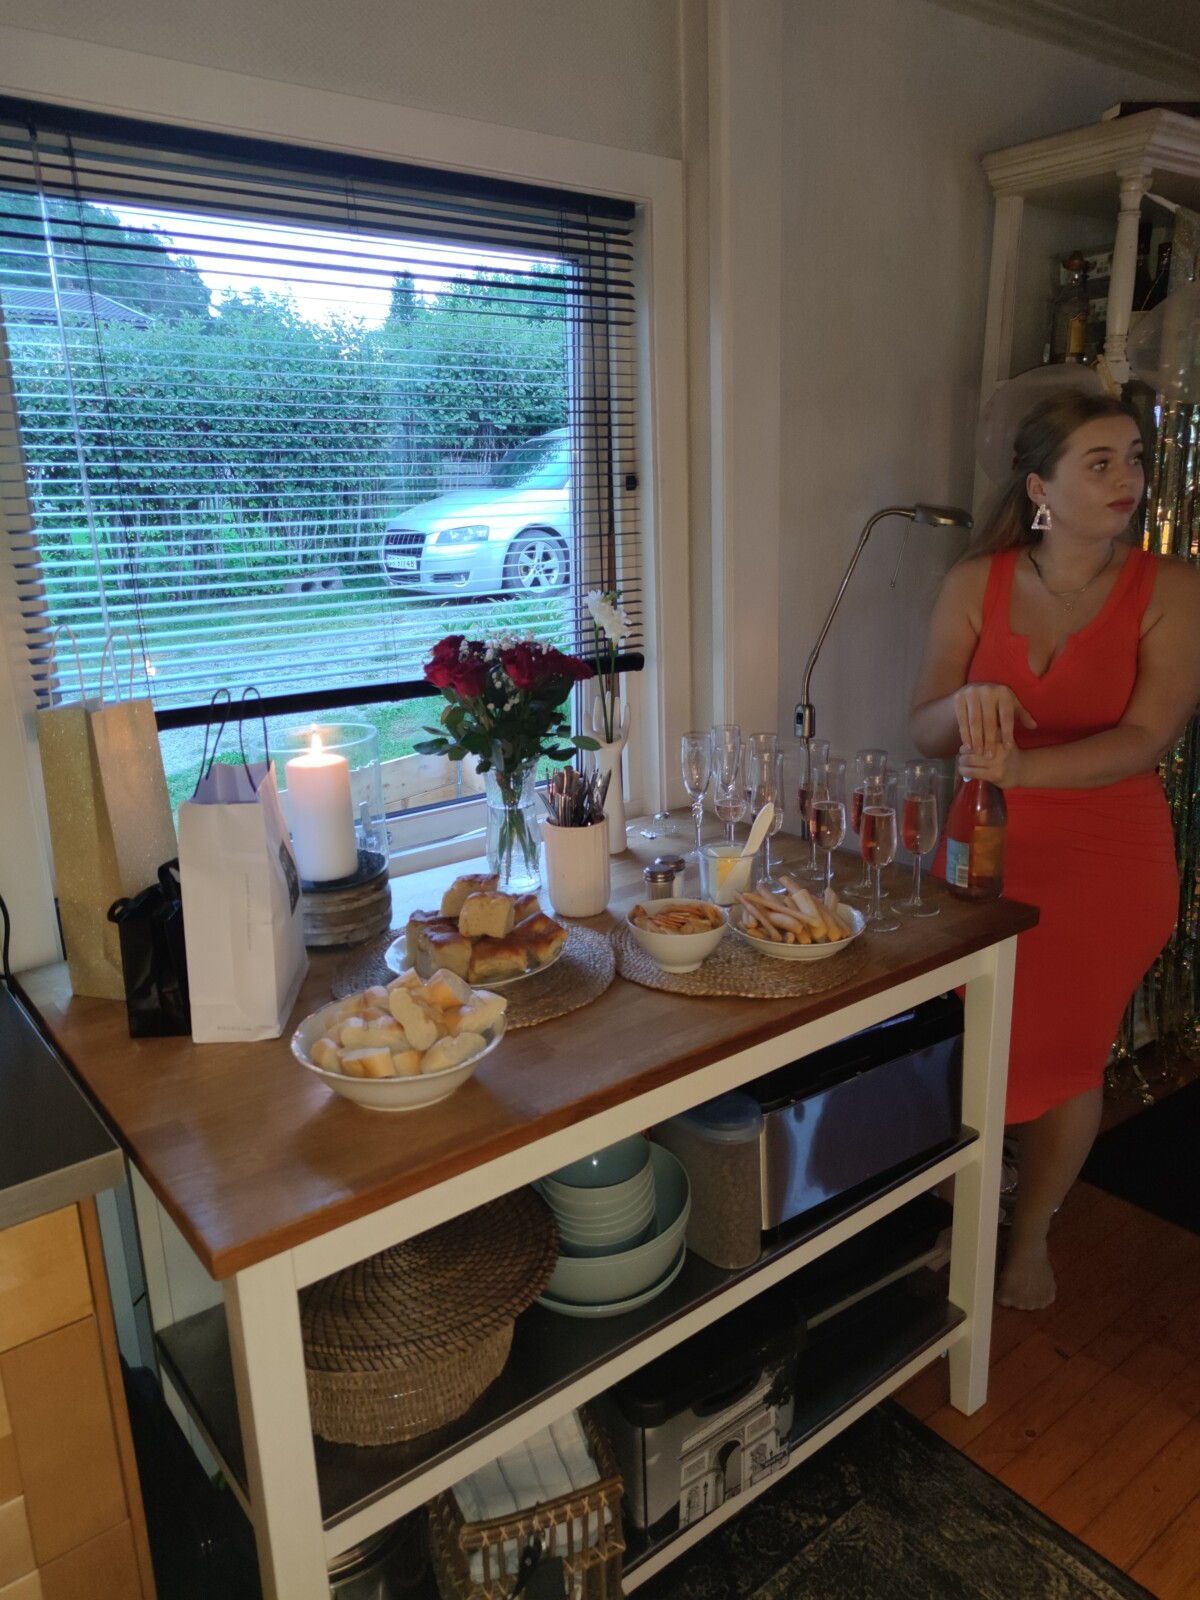 bursdag-30årsdag-bursdagselskap-30år-isalicious-isalicious1-look-sminke-antrekk-venner-30årslag-supriseparty-party-bestevenner-lykkelig-isalicious.blogg-champagne-tapas-mat-middag